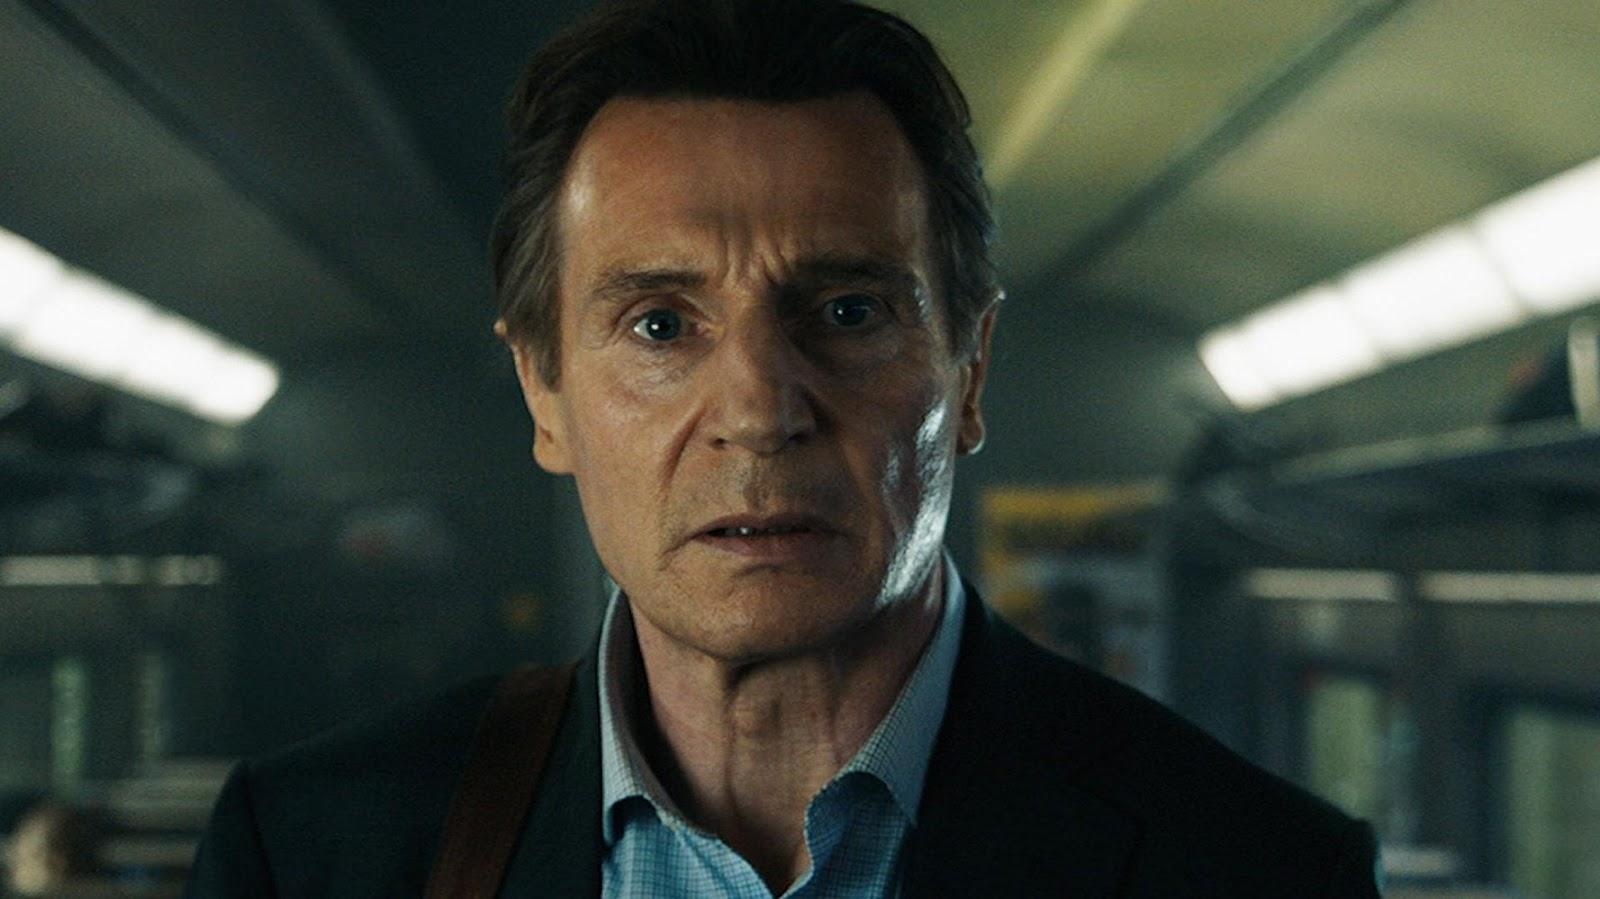 L'uomo sul treno: il poster ufficiale con Liam Neeson